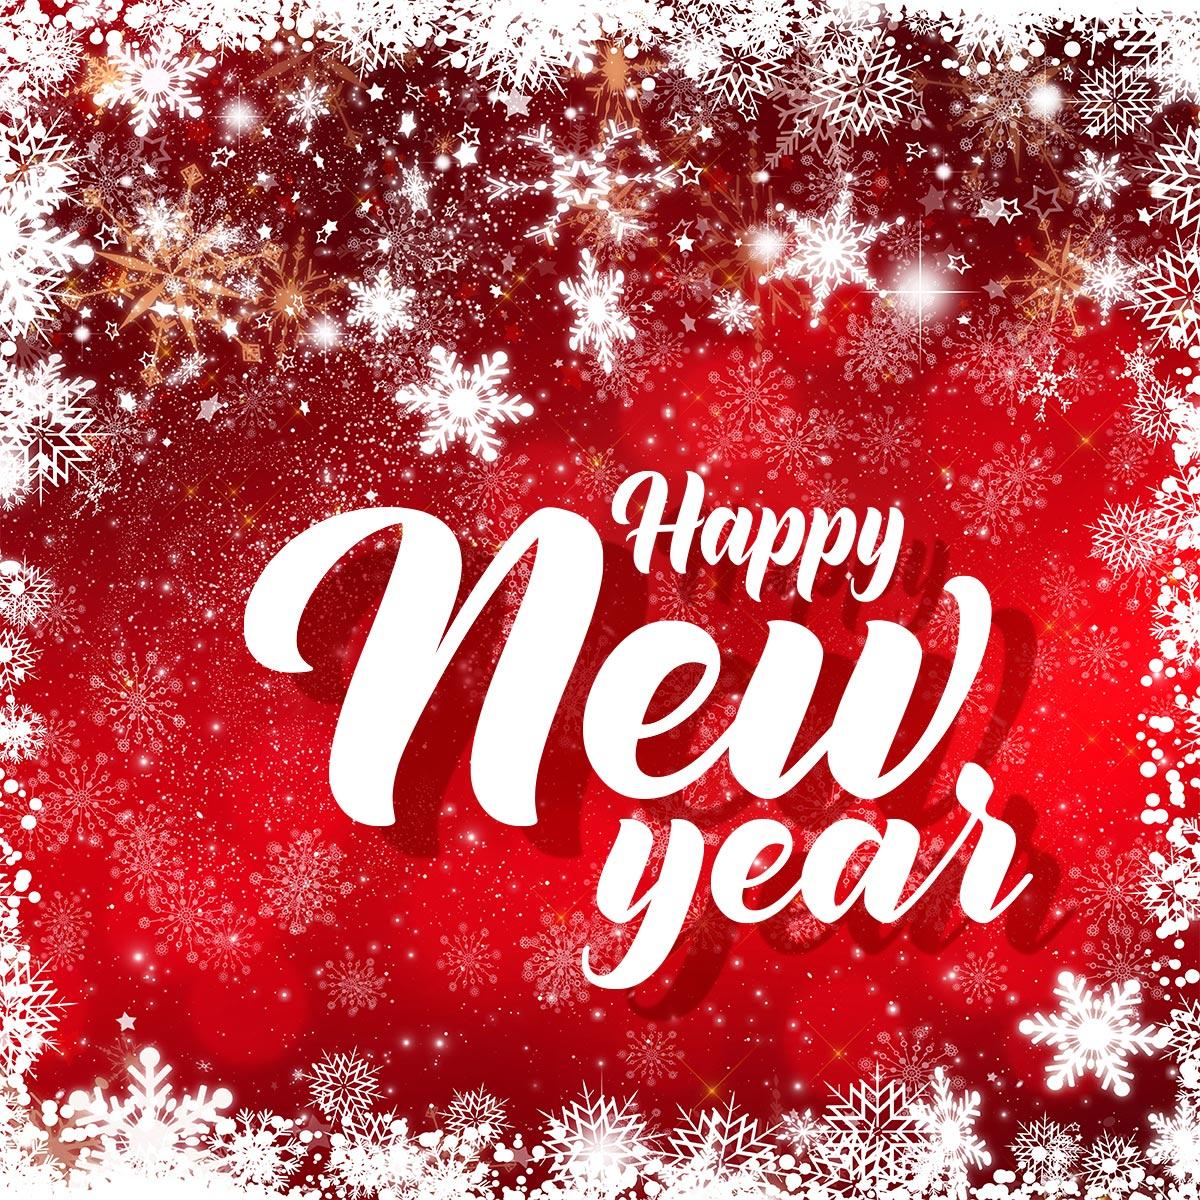 Картинка с текстом поздравления на английском с новым годом на красном фоне со снежинками.